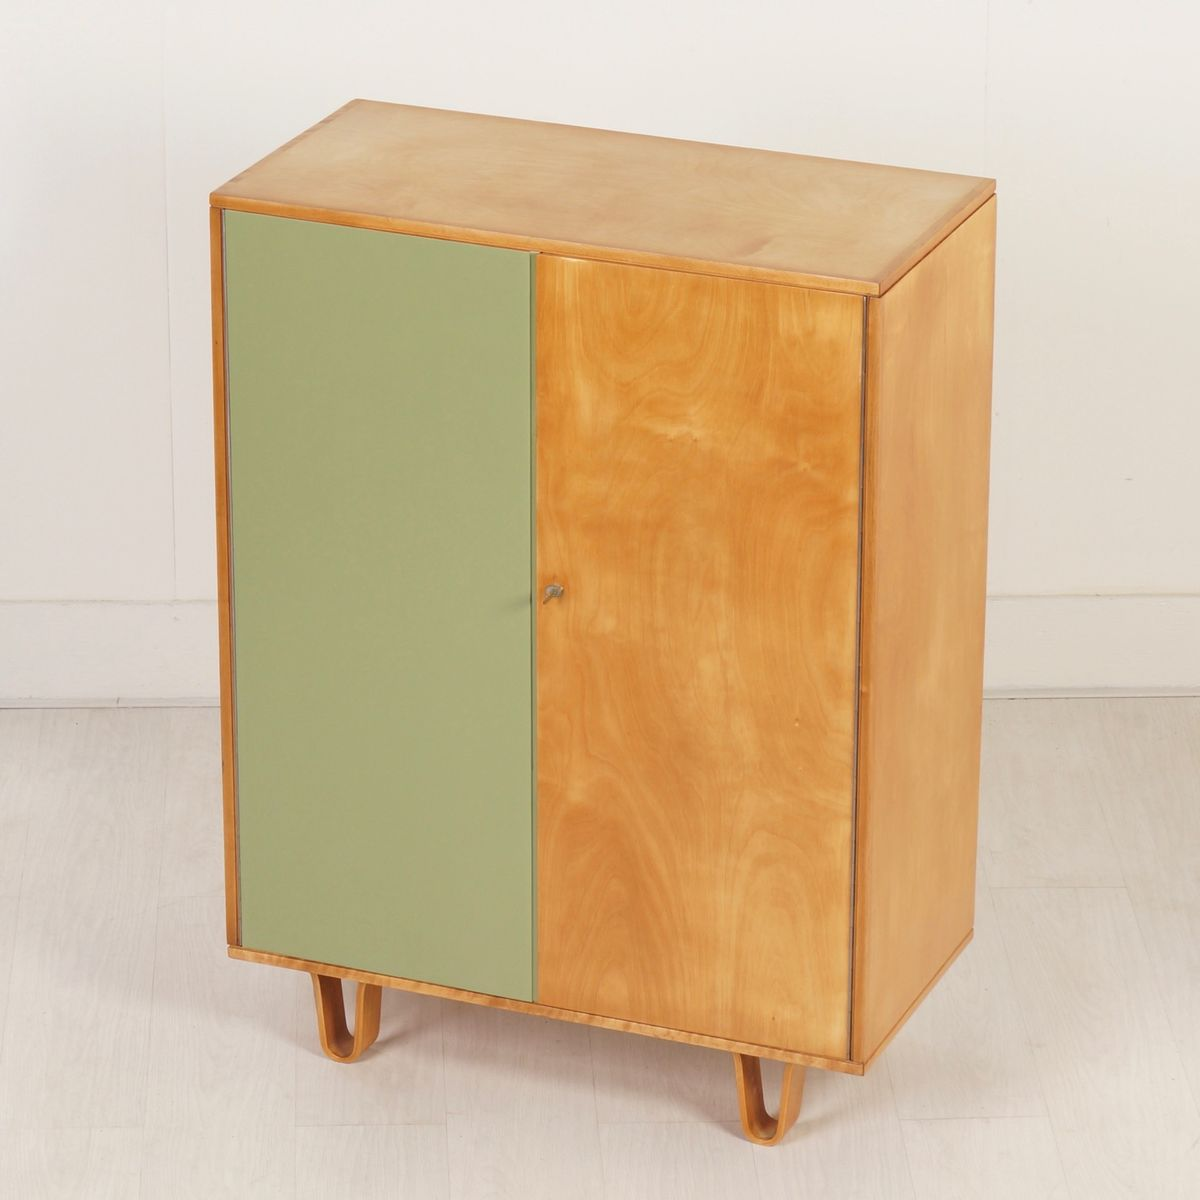 kleiner cb06 kleiderschrank von cees braakman f r pastoe. Black Bedroom Furniture Sets. Home Design Ideas